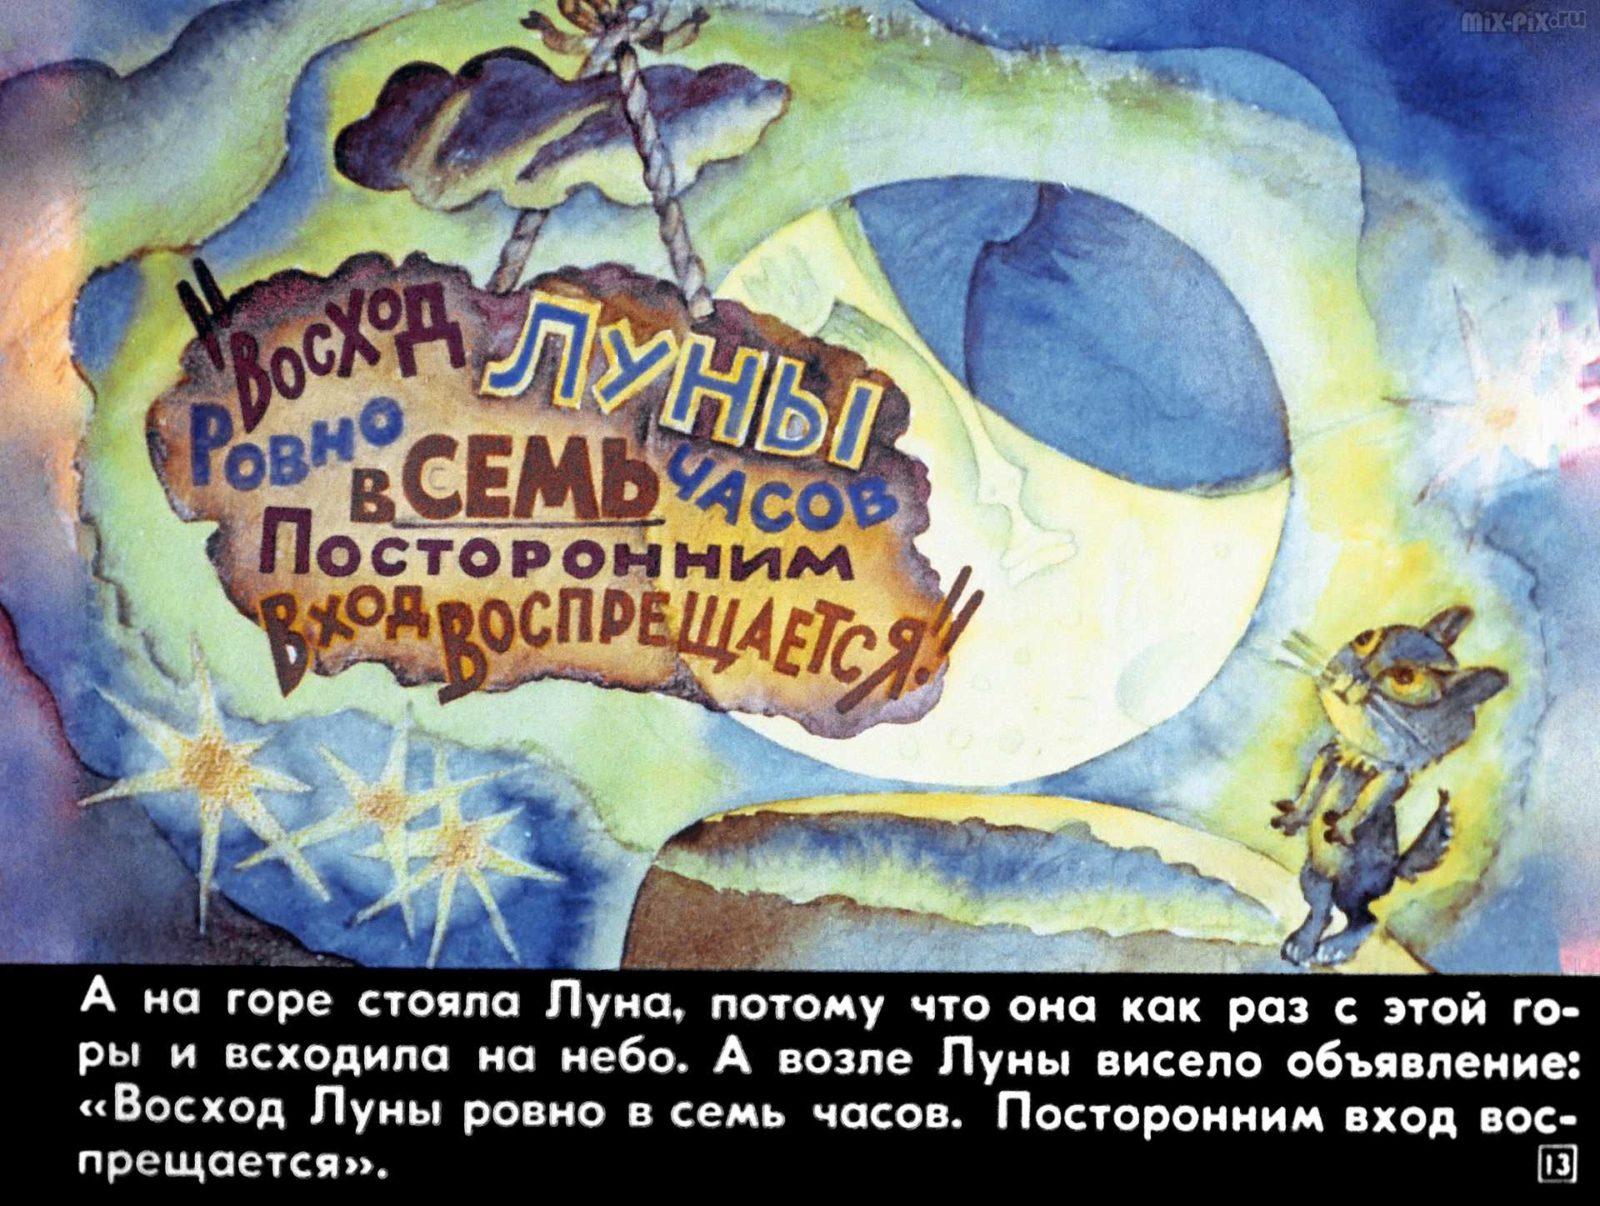 Сказка про лунный свет (1991) 33